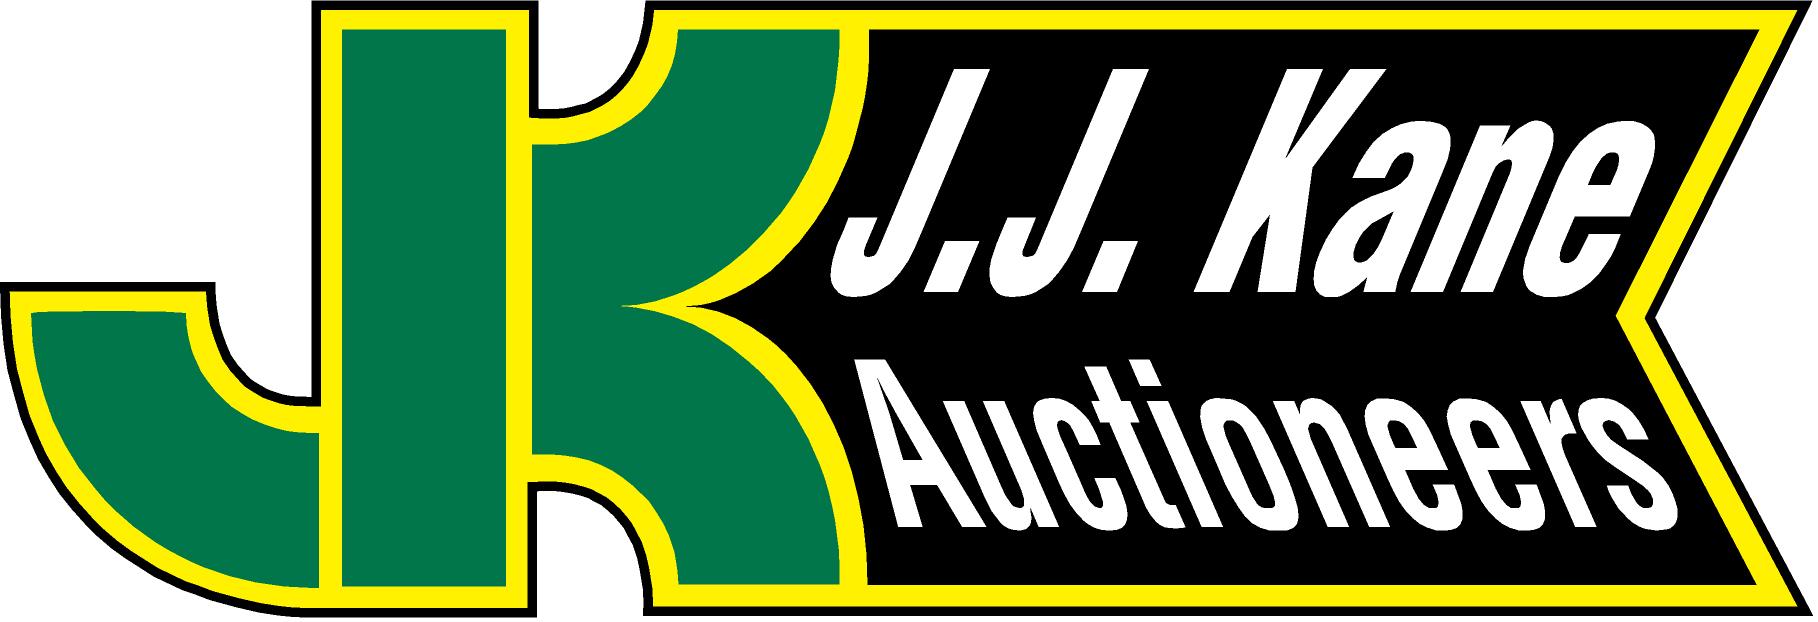 Online Public Car Auction >> J.J. Kane Auctioneers Announces New Online Selling Options